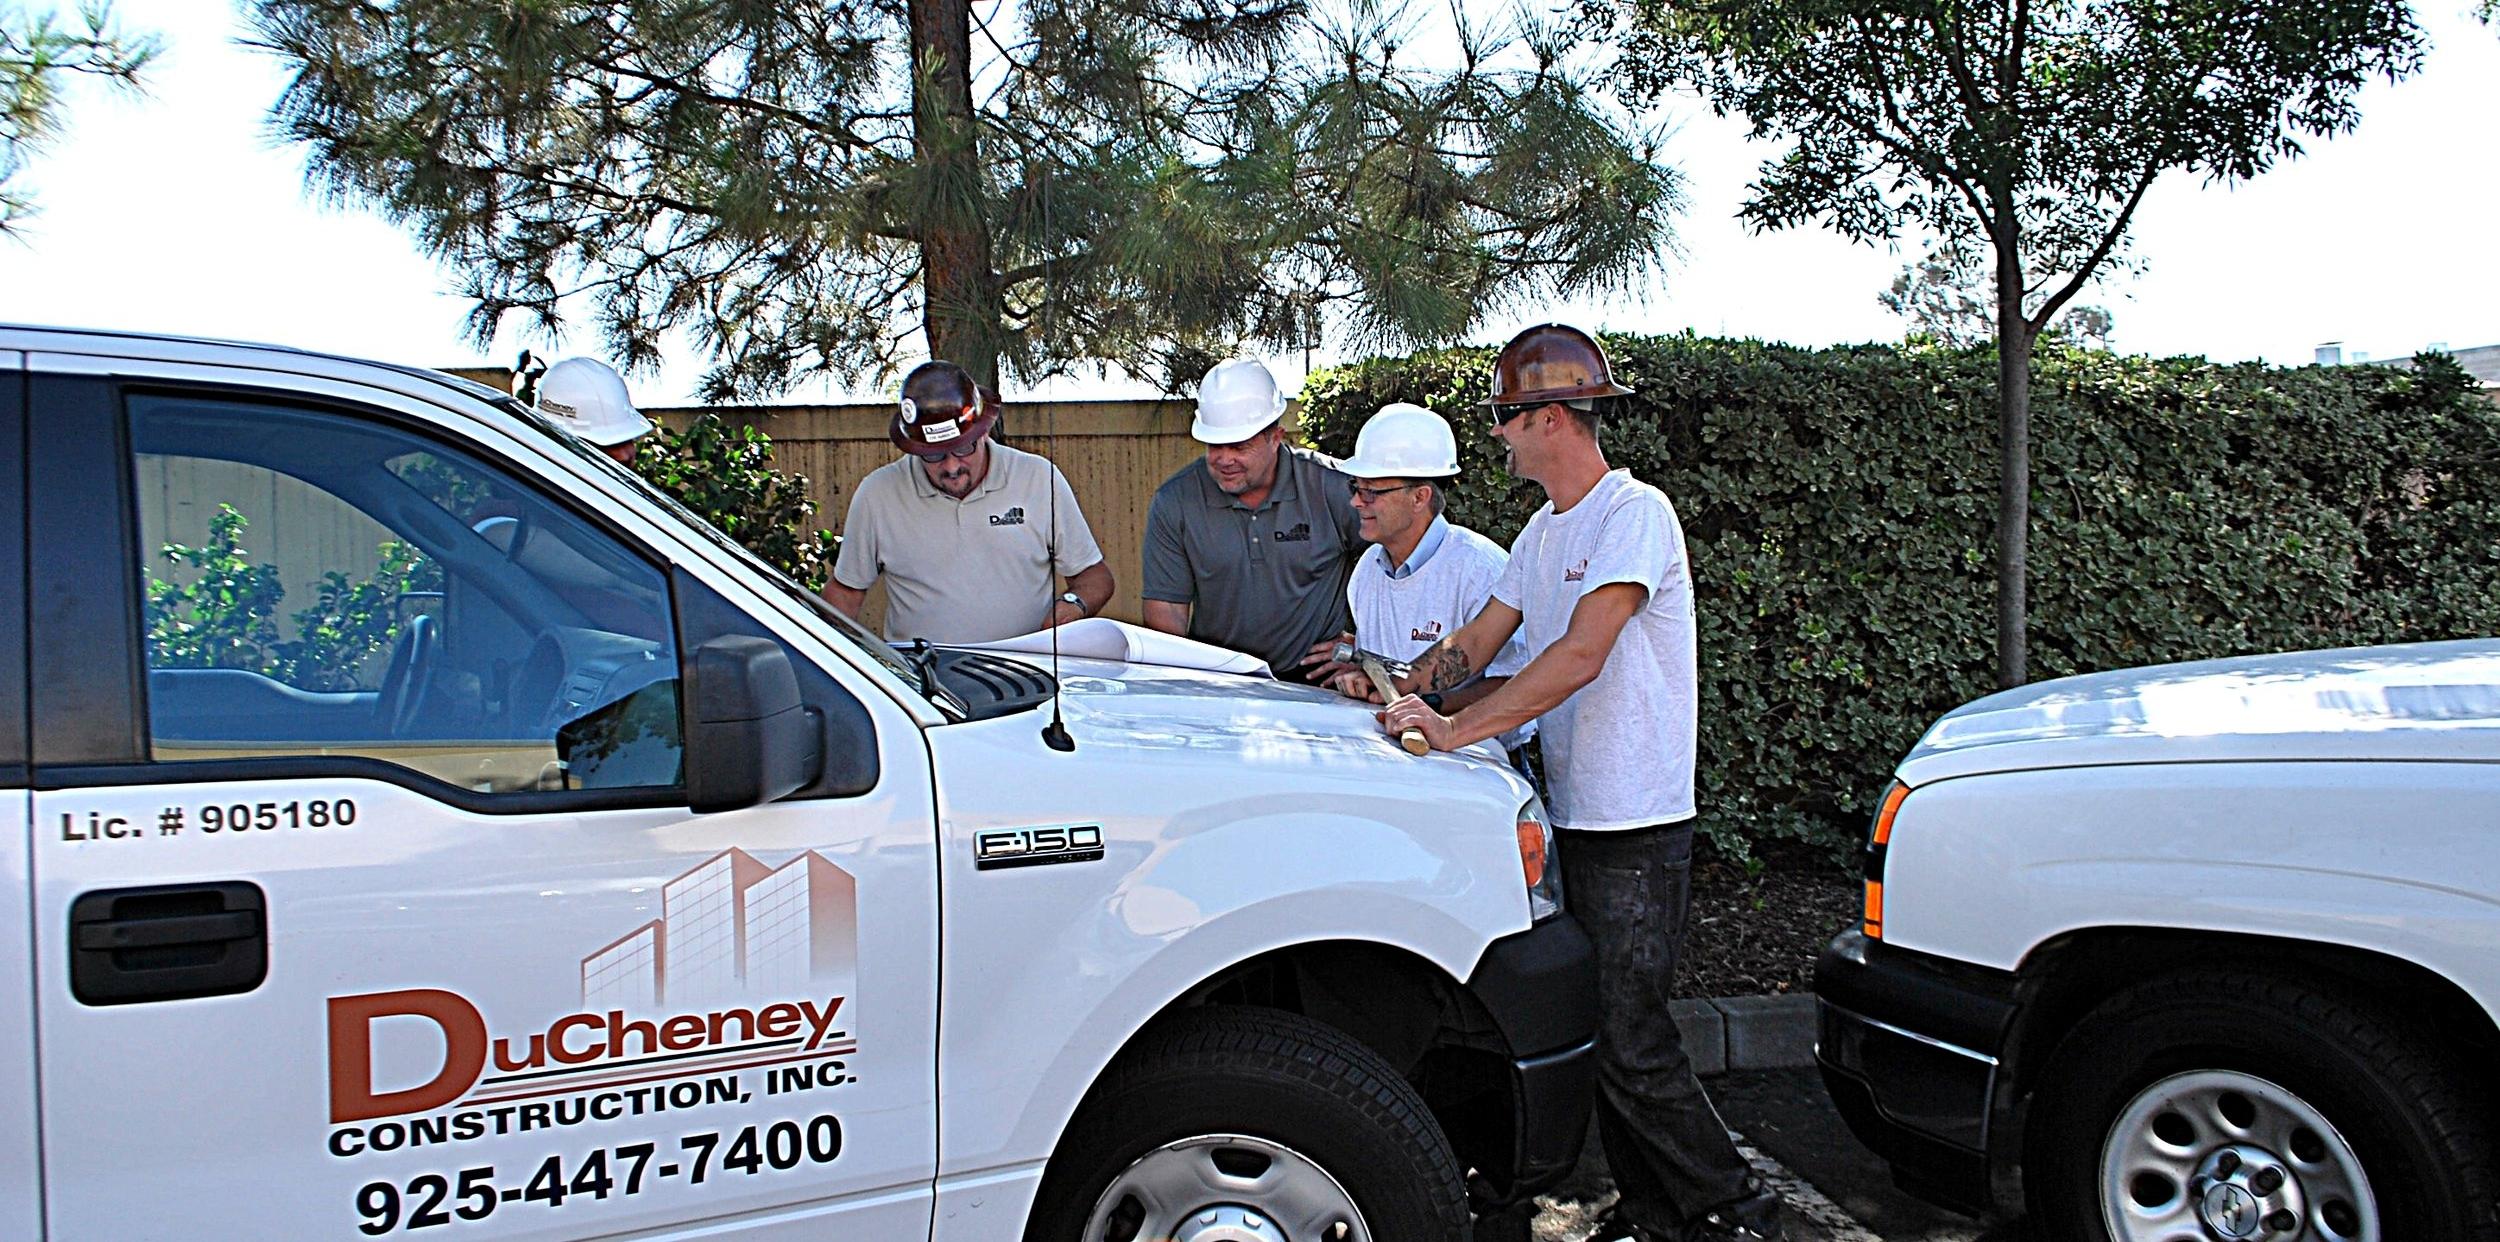 pixlr teamwork 2.jpg